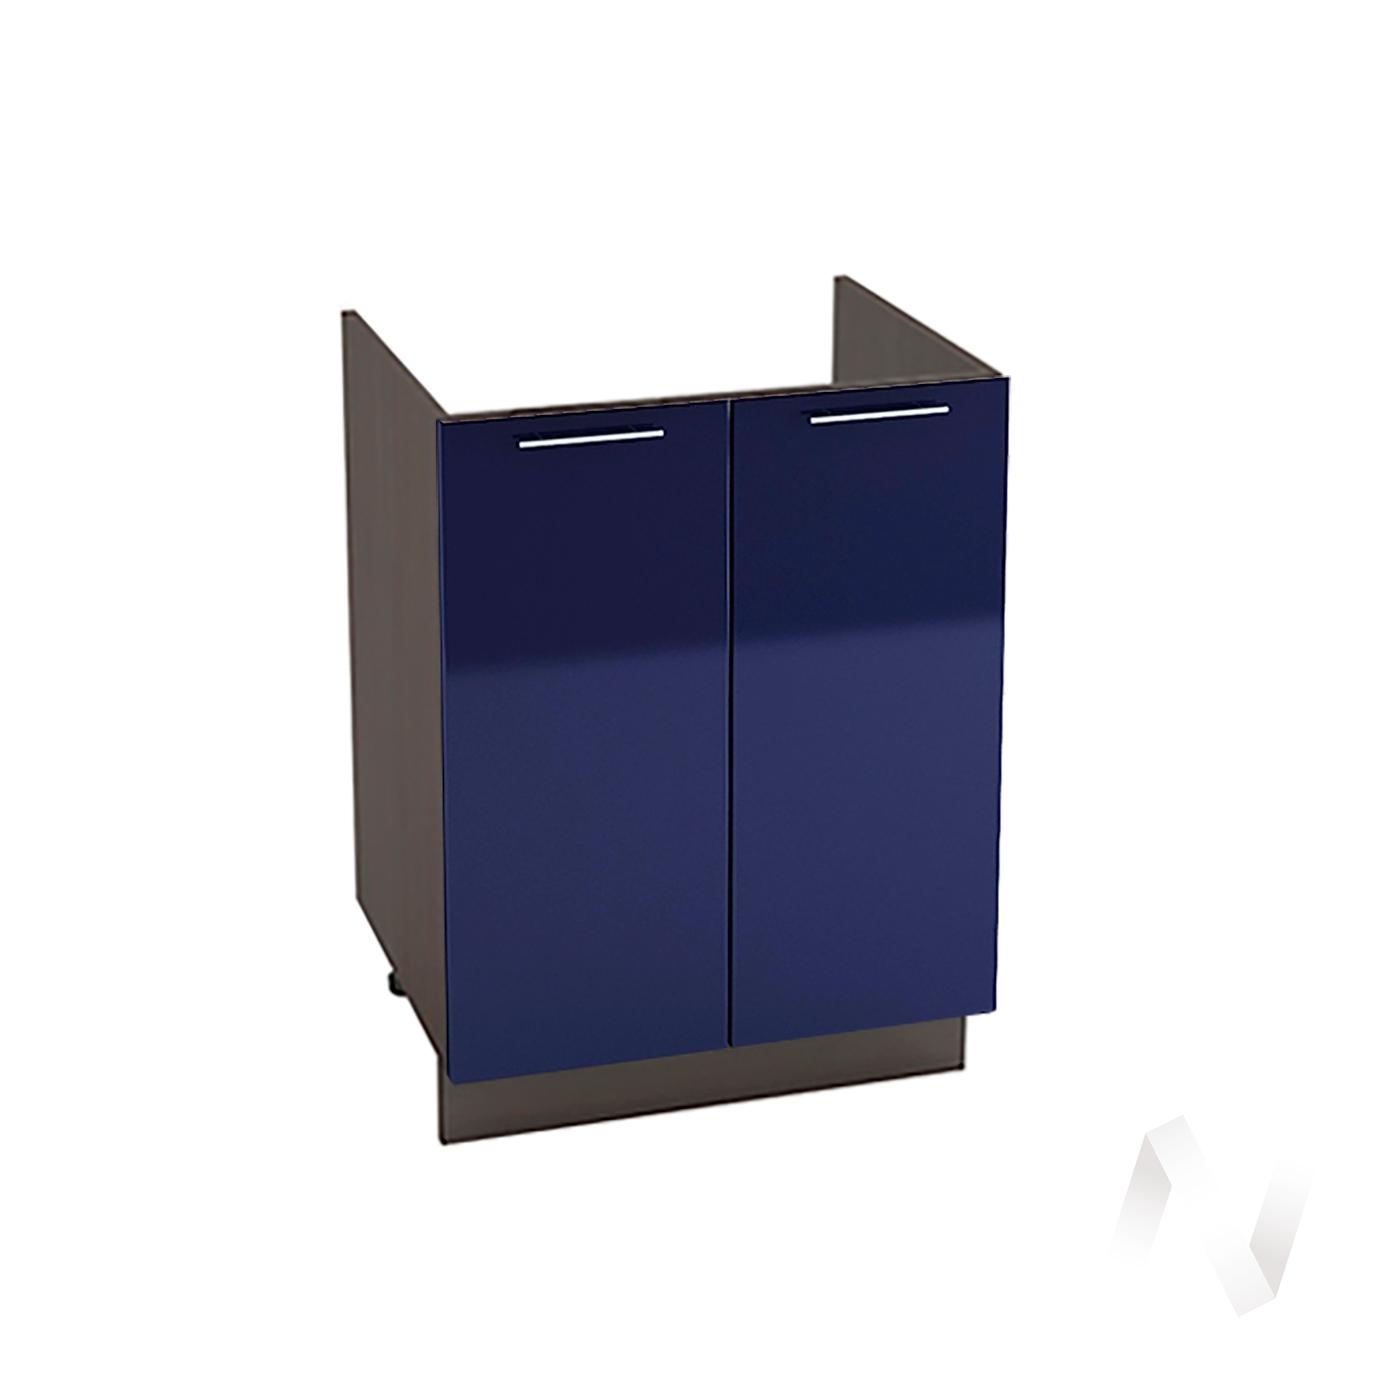 """Кухня """"Валерия-М"""": Шкаф нижний под мойку 600, ШНМ 600 (Синий глянец/корпус венге)"""